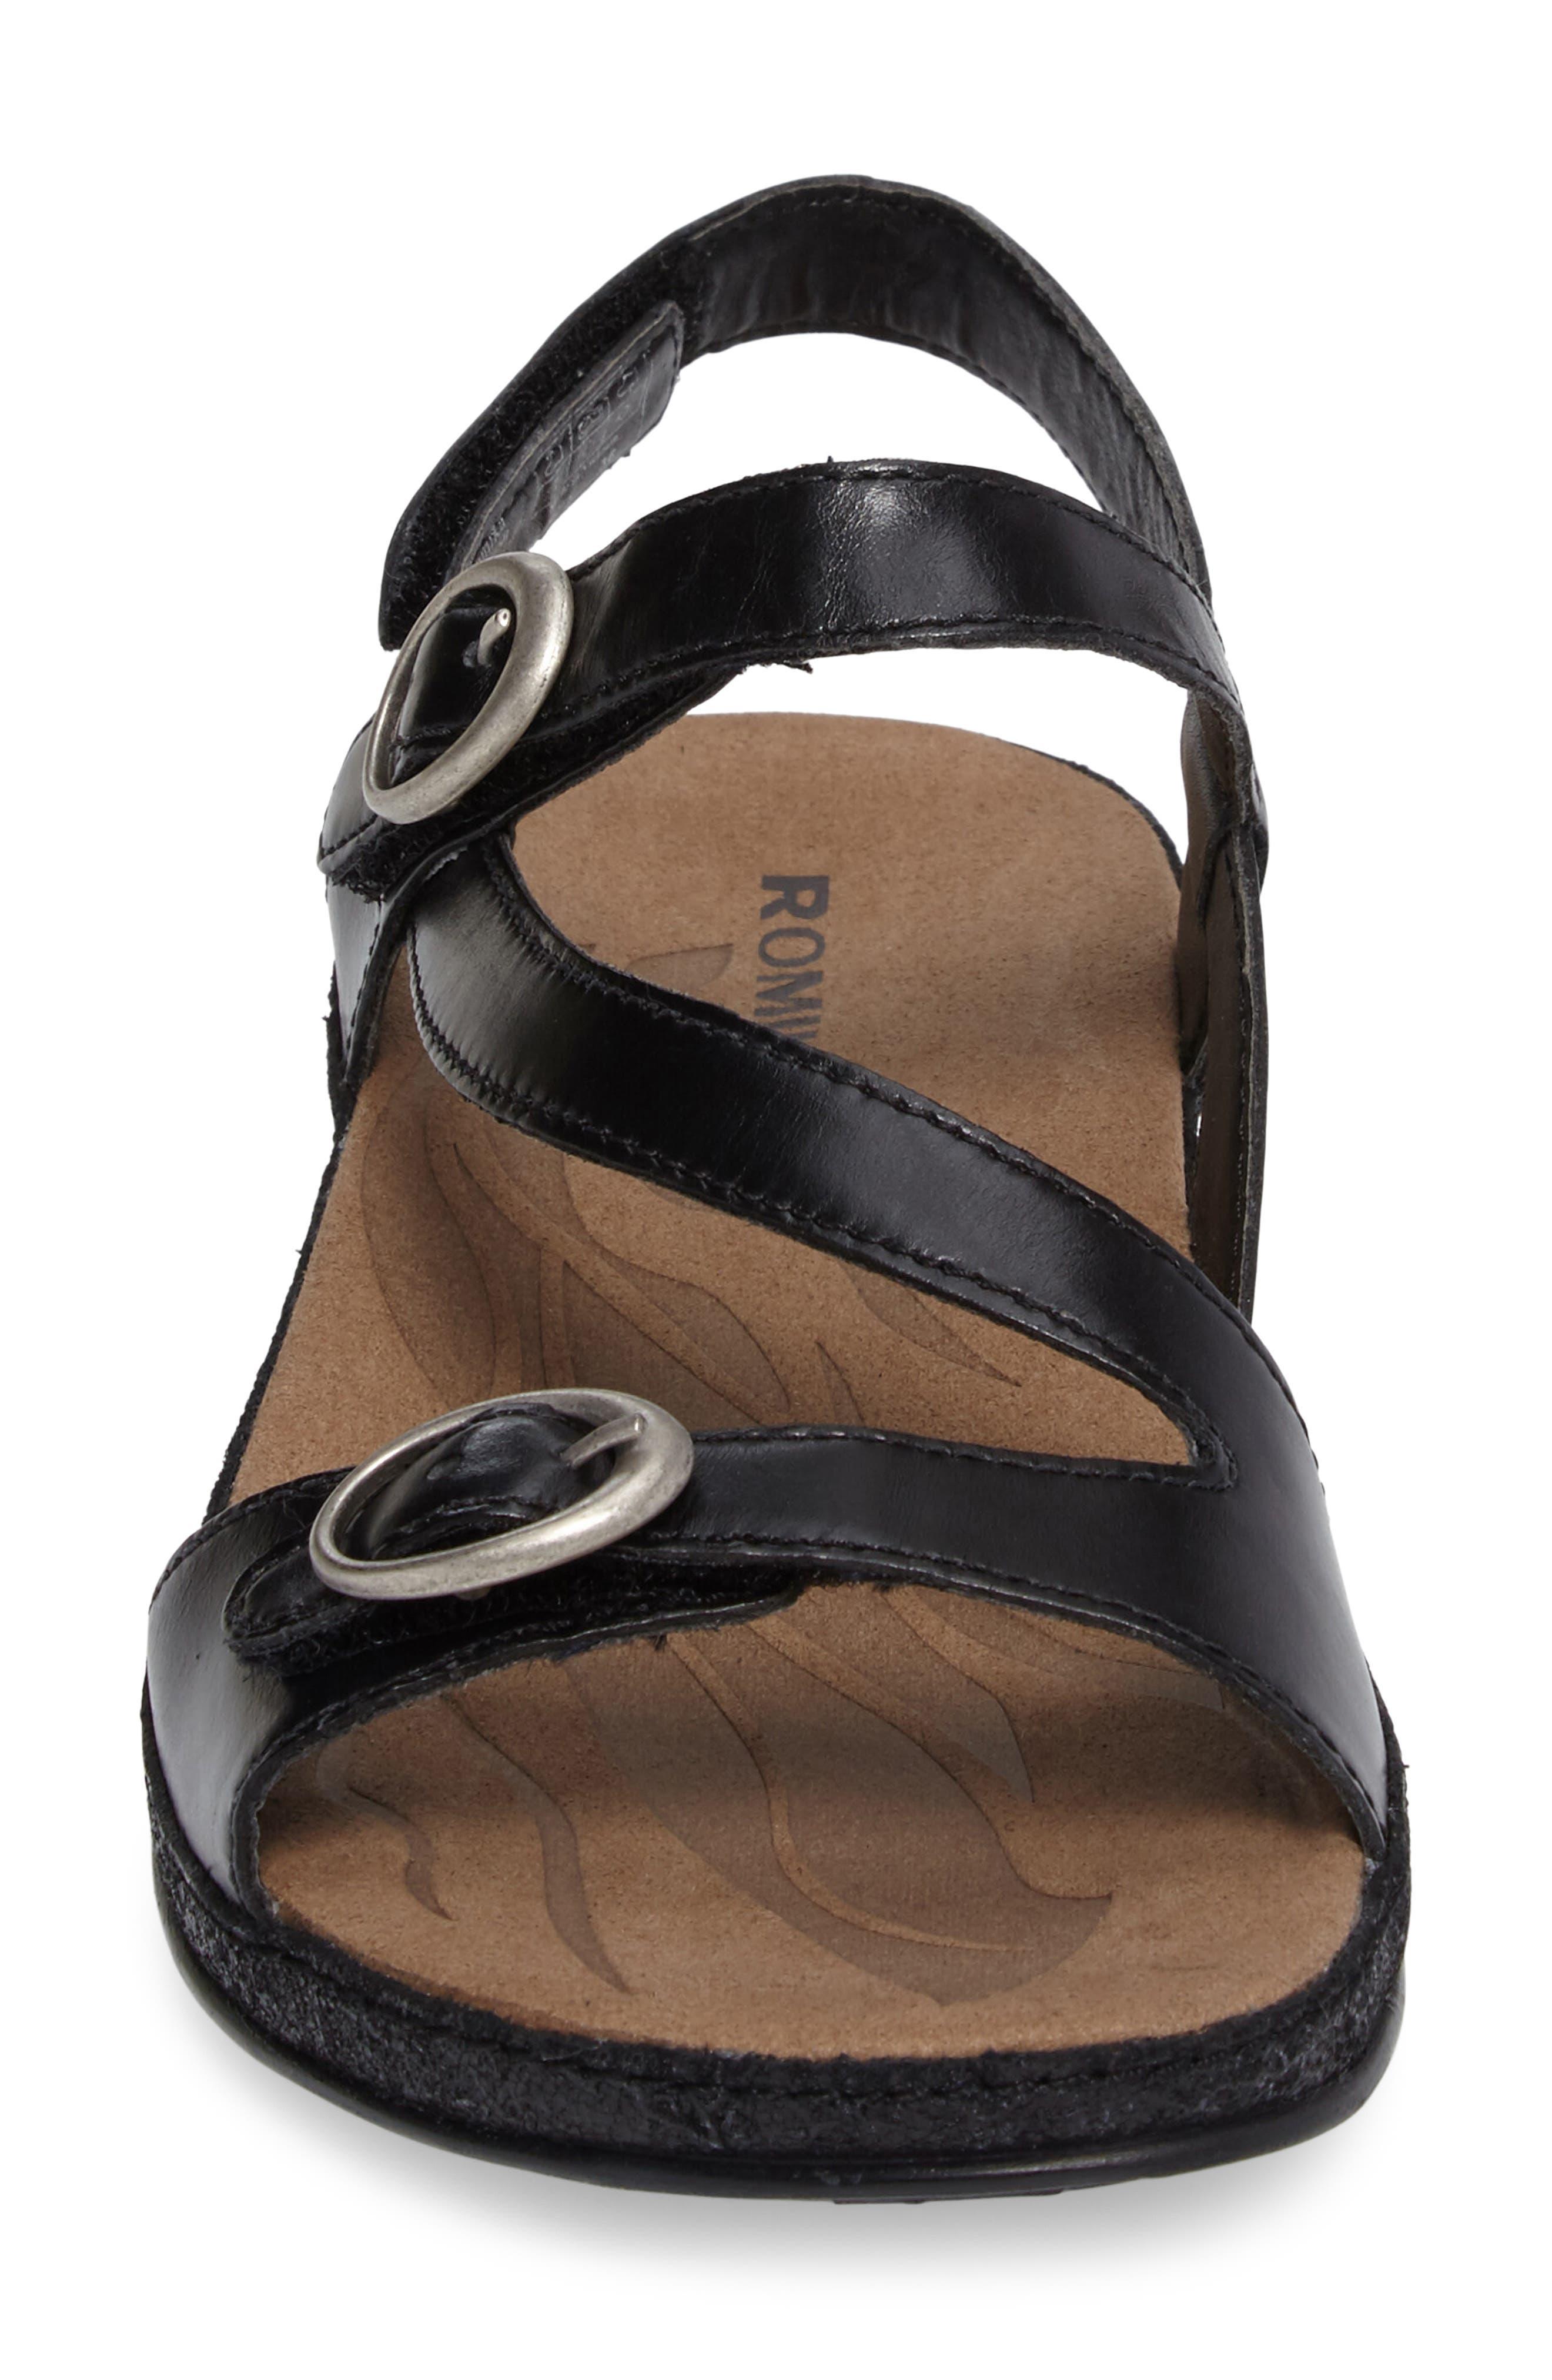 Fidschi 48 Sandal,                             Alternate thumbnail 4, color,                             001